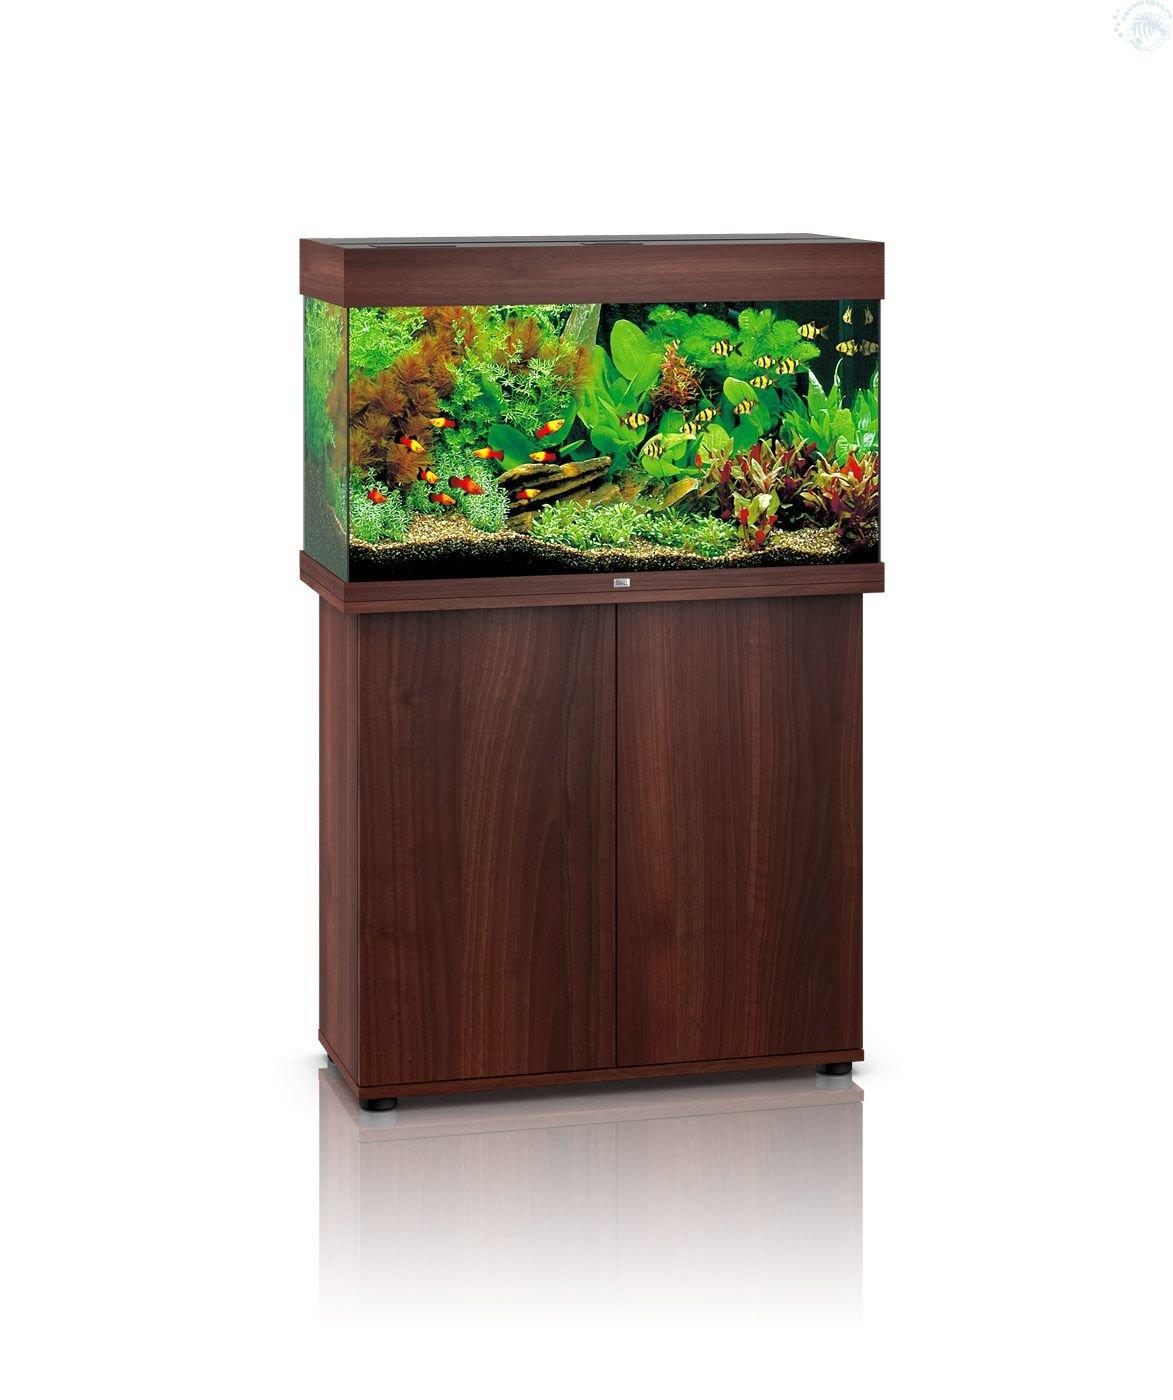 Тумба для аквариума JUWEL Рио 125 SBX темно-коричневая 81x36x73